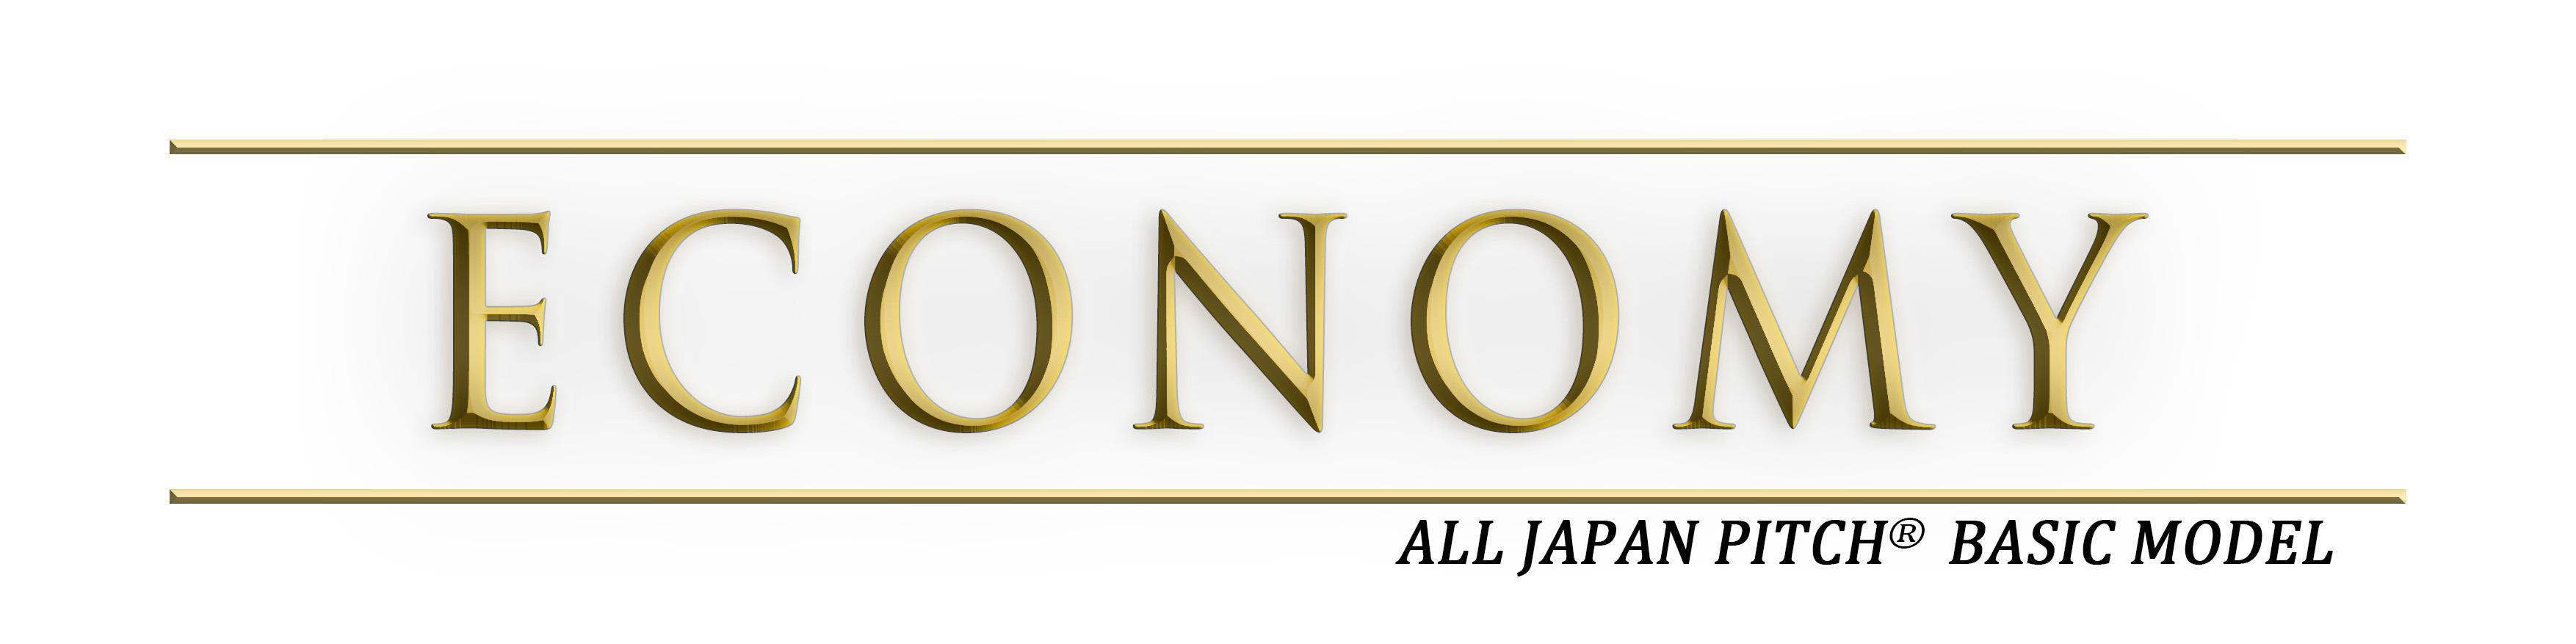 economy-logo.jpg